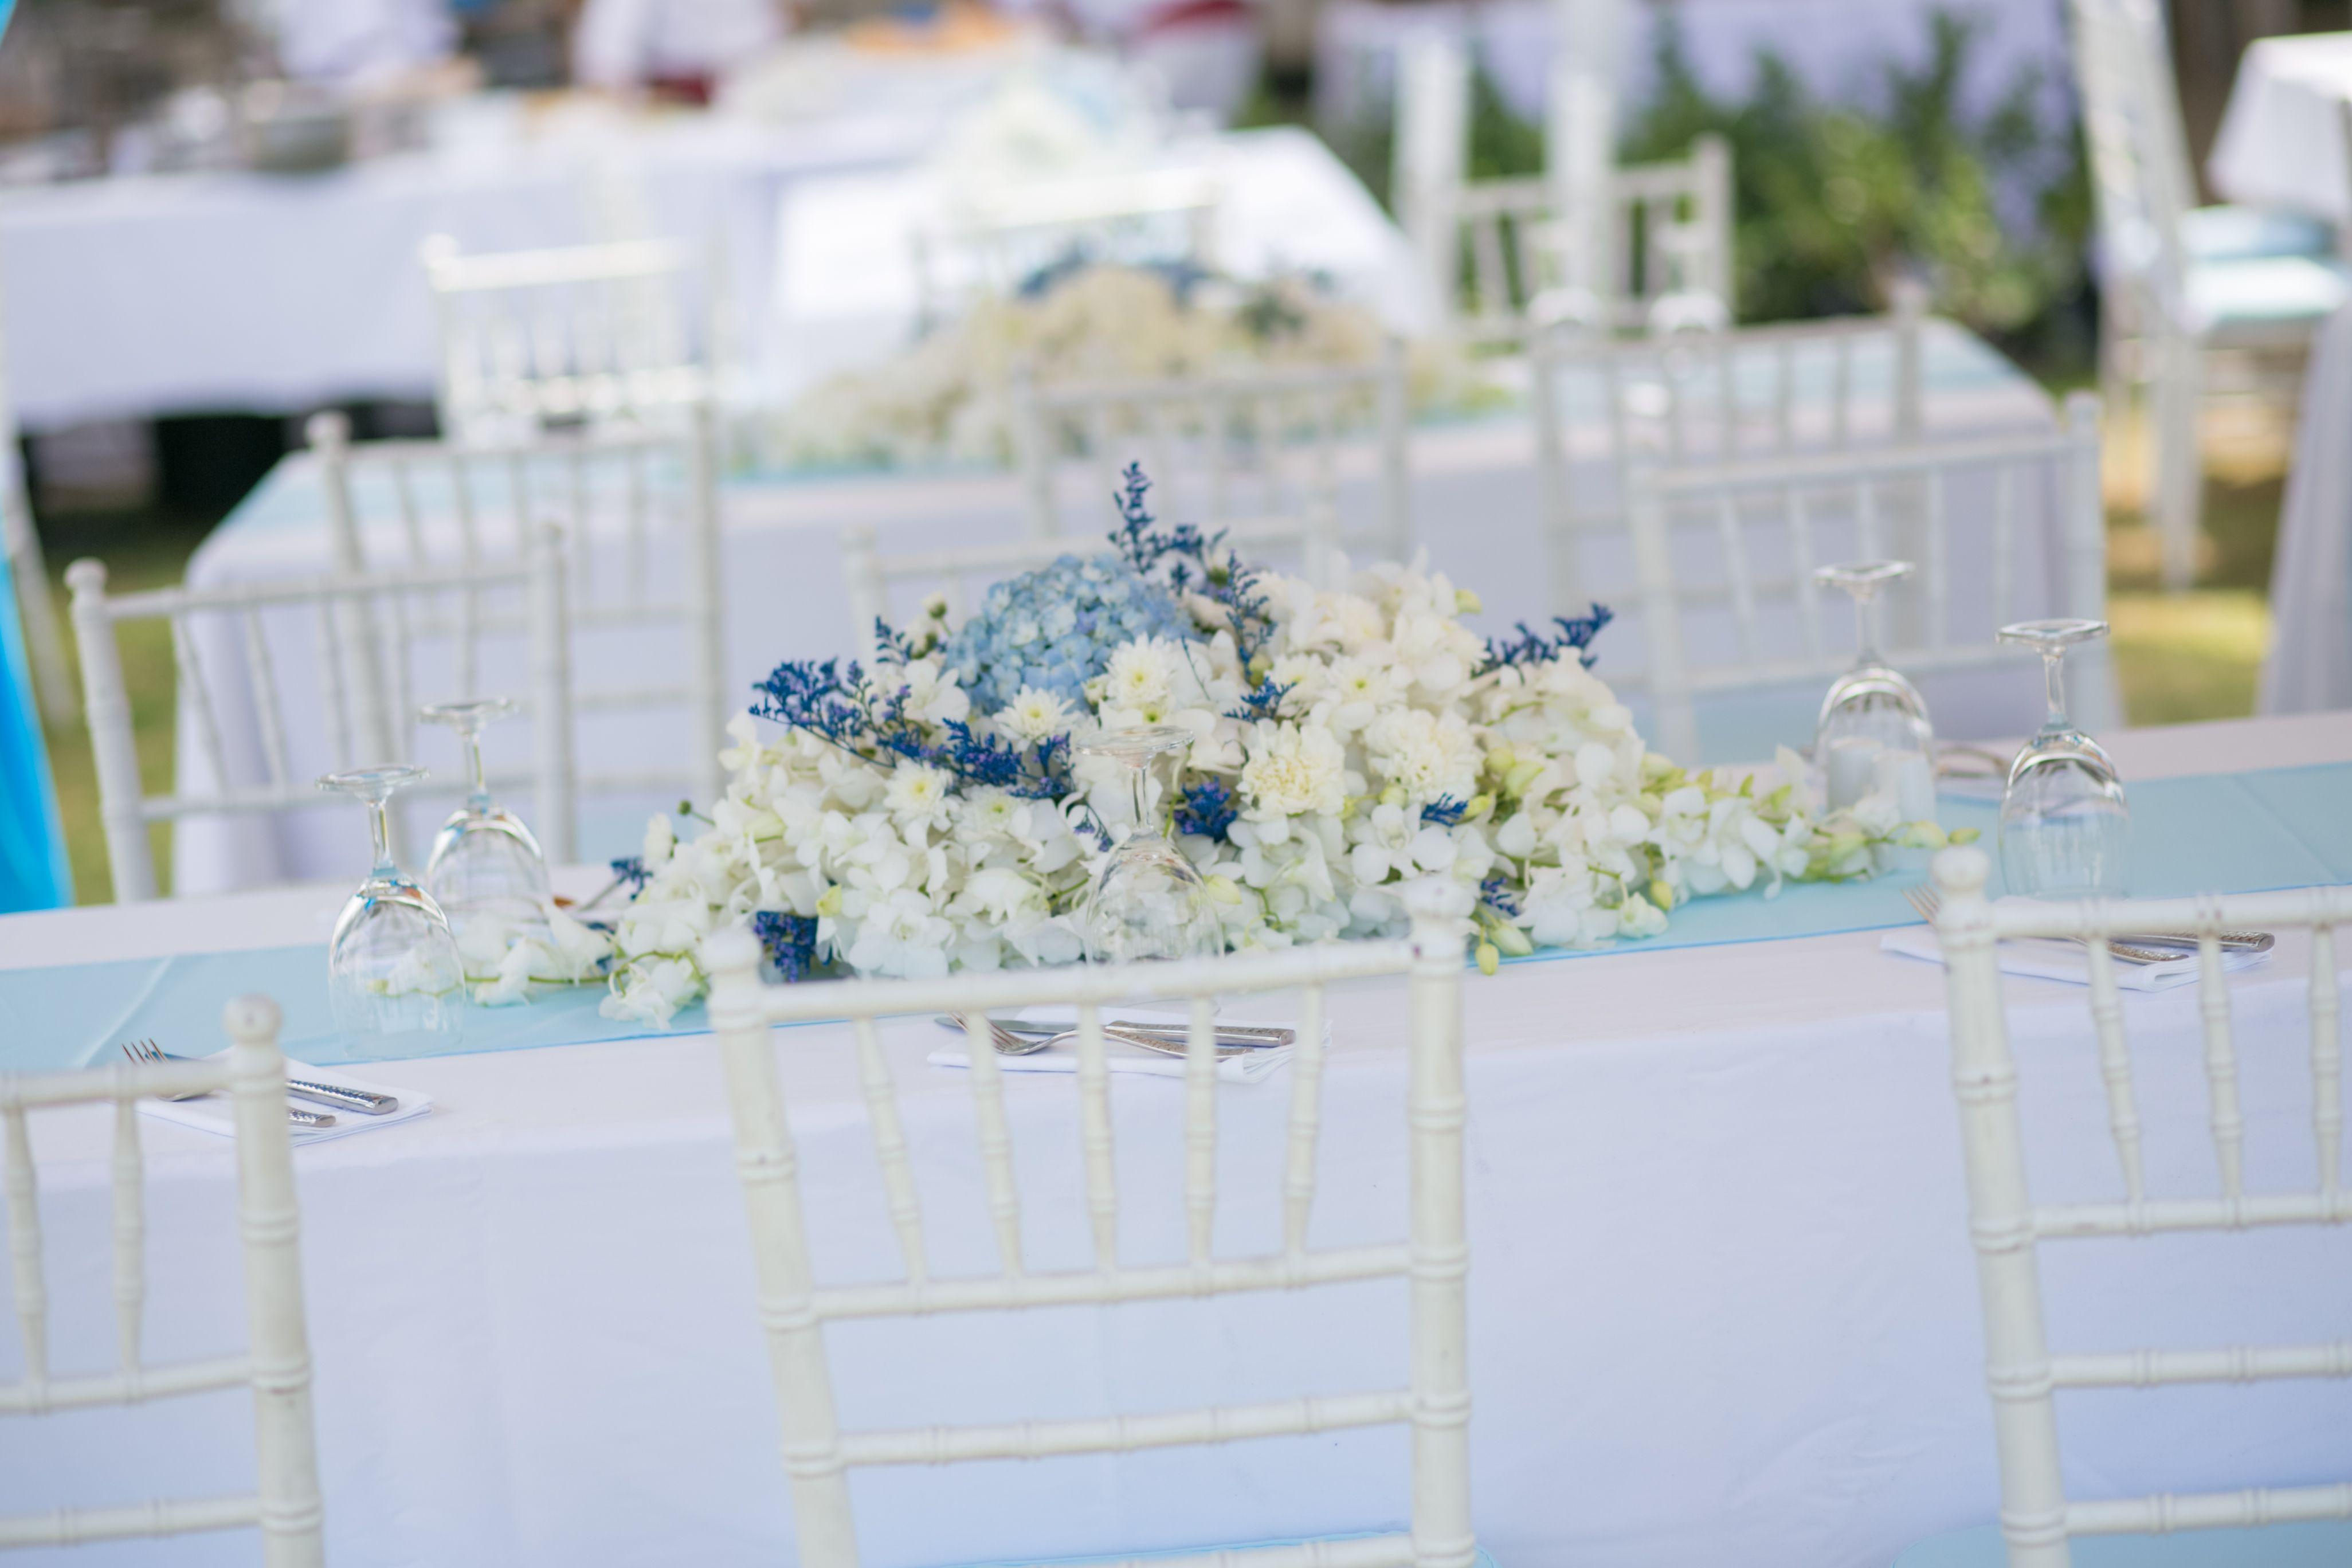 welcomelunch#bluewhite#tiffanyblue#flowerdecorblue#blueandwhitedecorwedding#wizkimweddingphuket